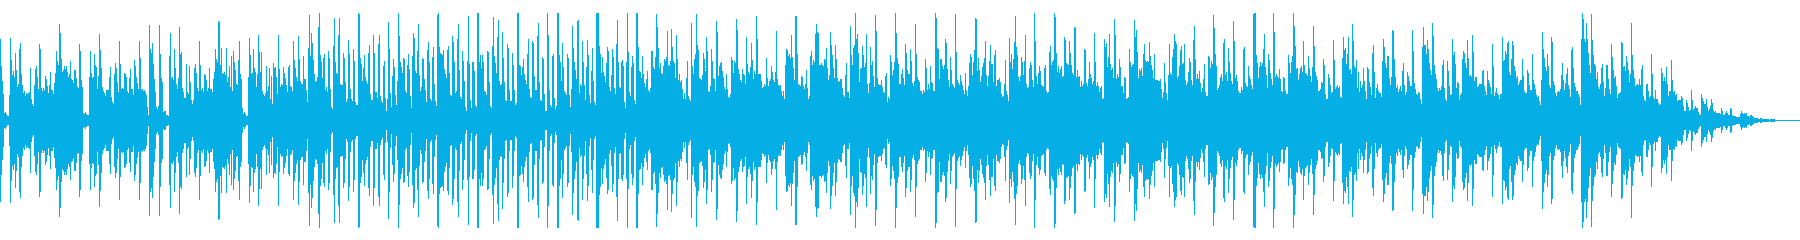 浮遊感ある鍵盤の音色が印象的なチルの再生済みの波形